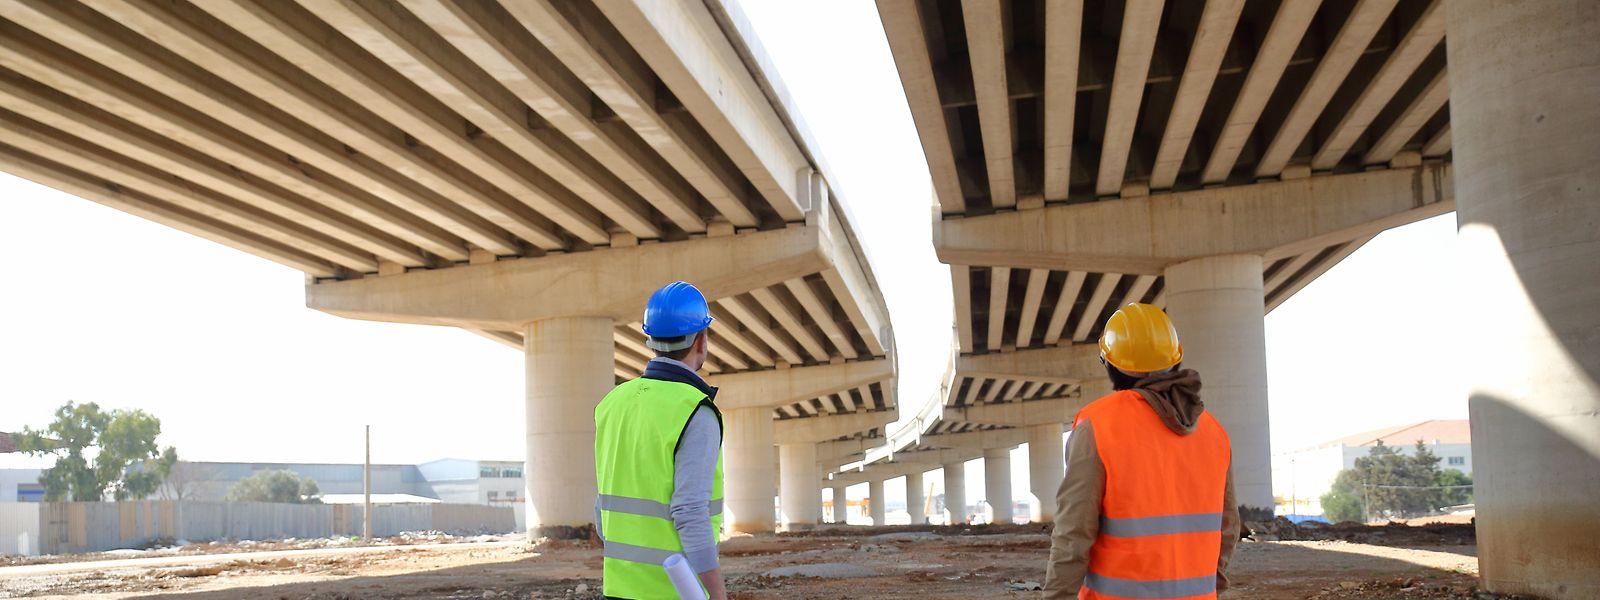 Infrastrukturfonds finanzieren zum Beispiel Brücken und Autobahnen. Gerade in Zeiten knapper Staatskassen öffnen sich neue Anlagemöglichkeiten.